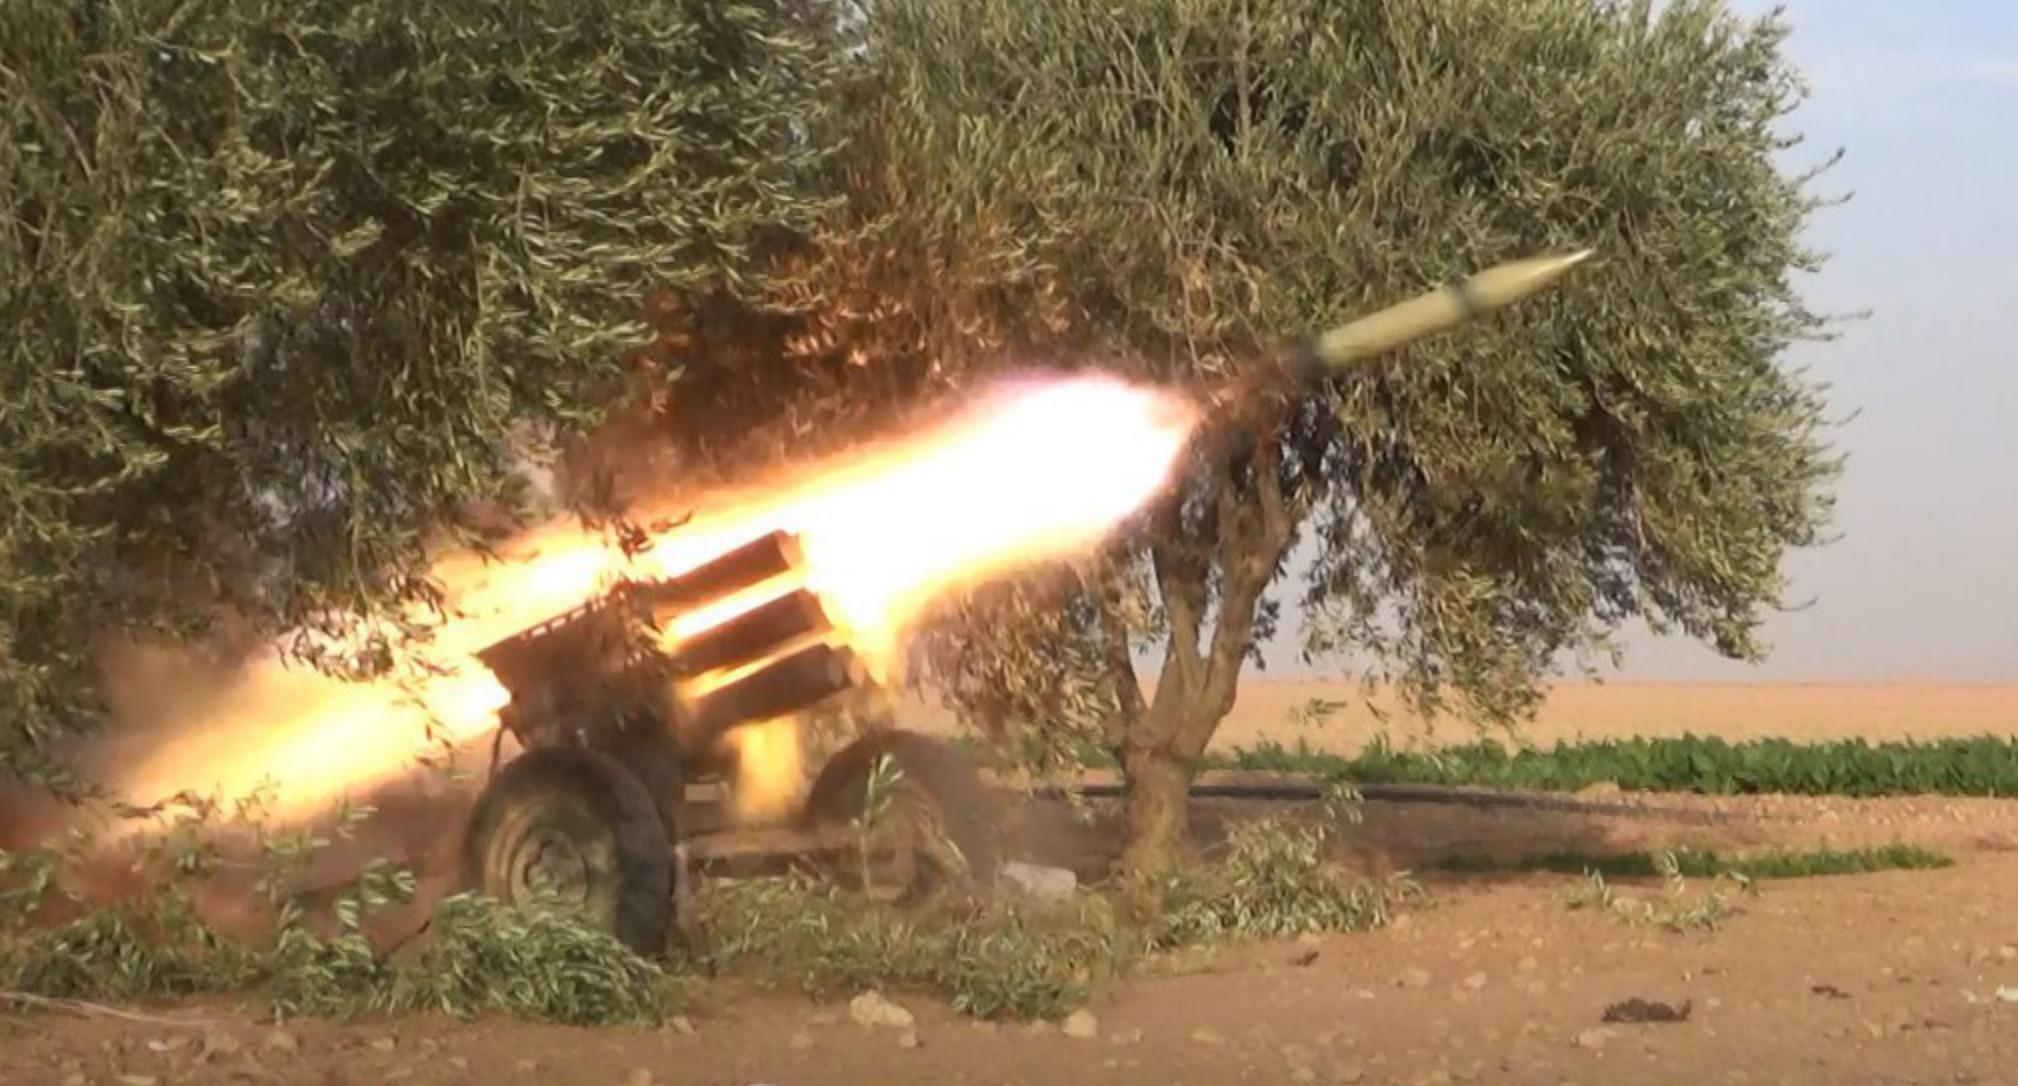 Doğu Hama'da IŞİD ve muhalifler arasındaki çatışmalar hız kazandı